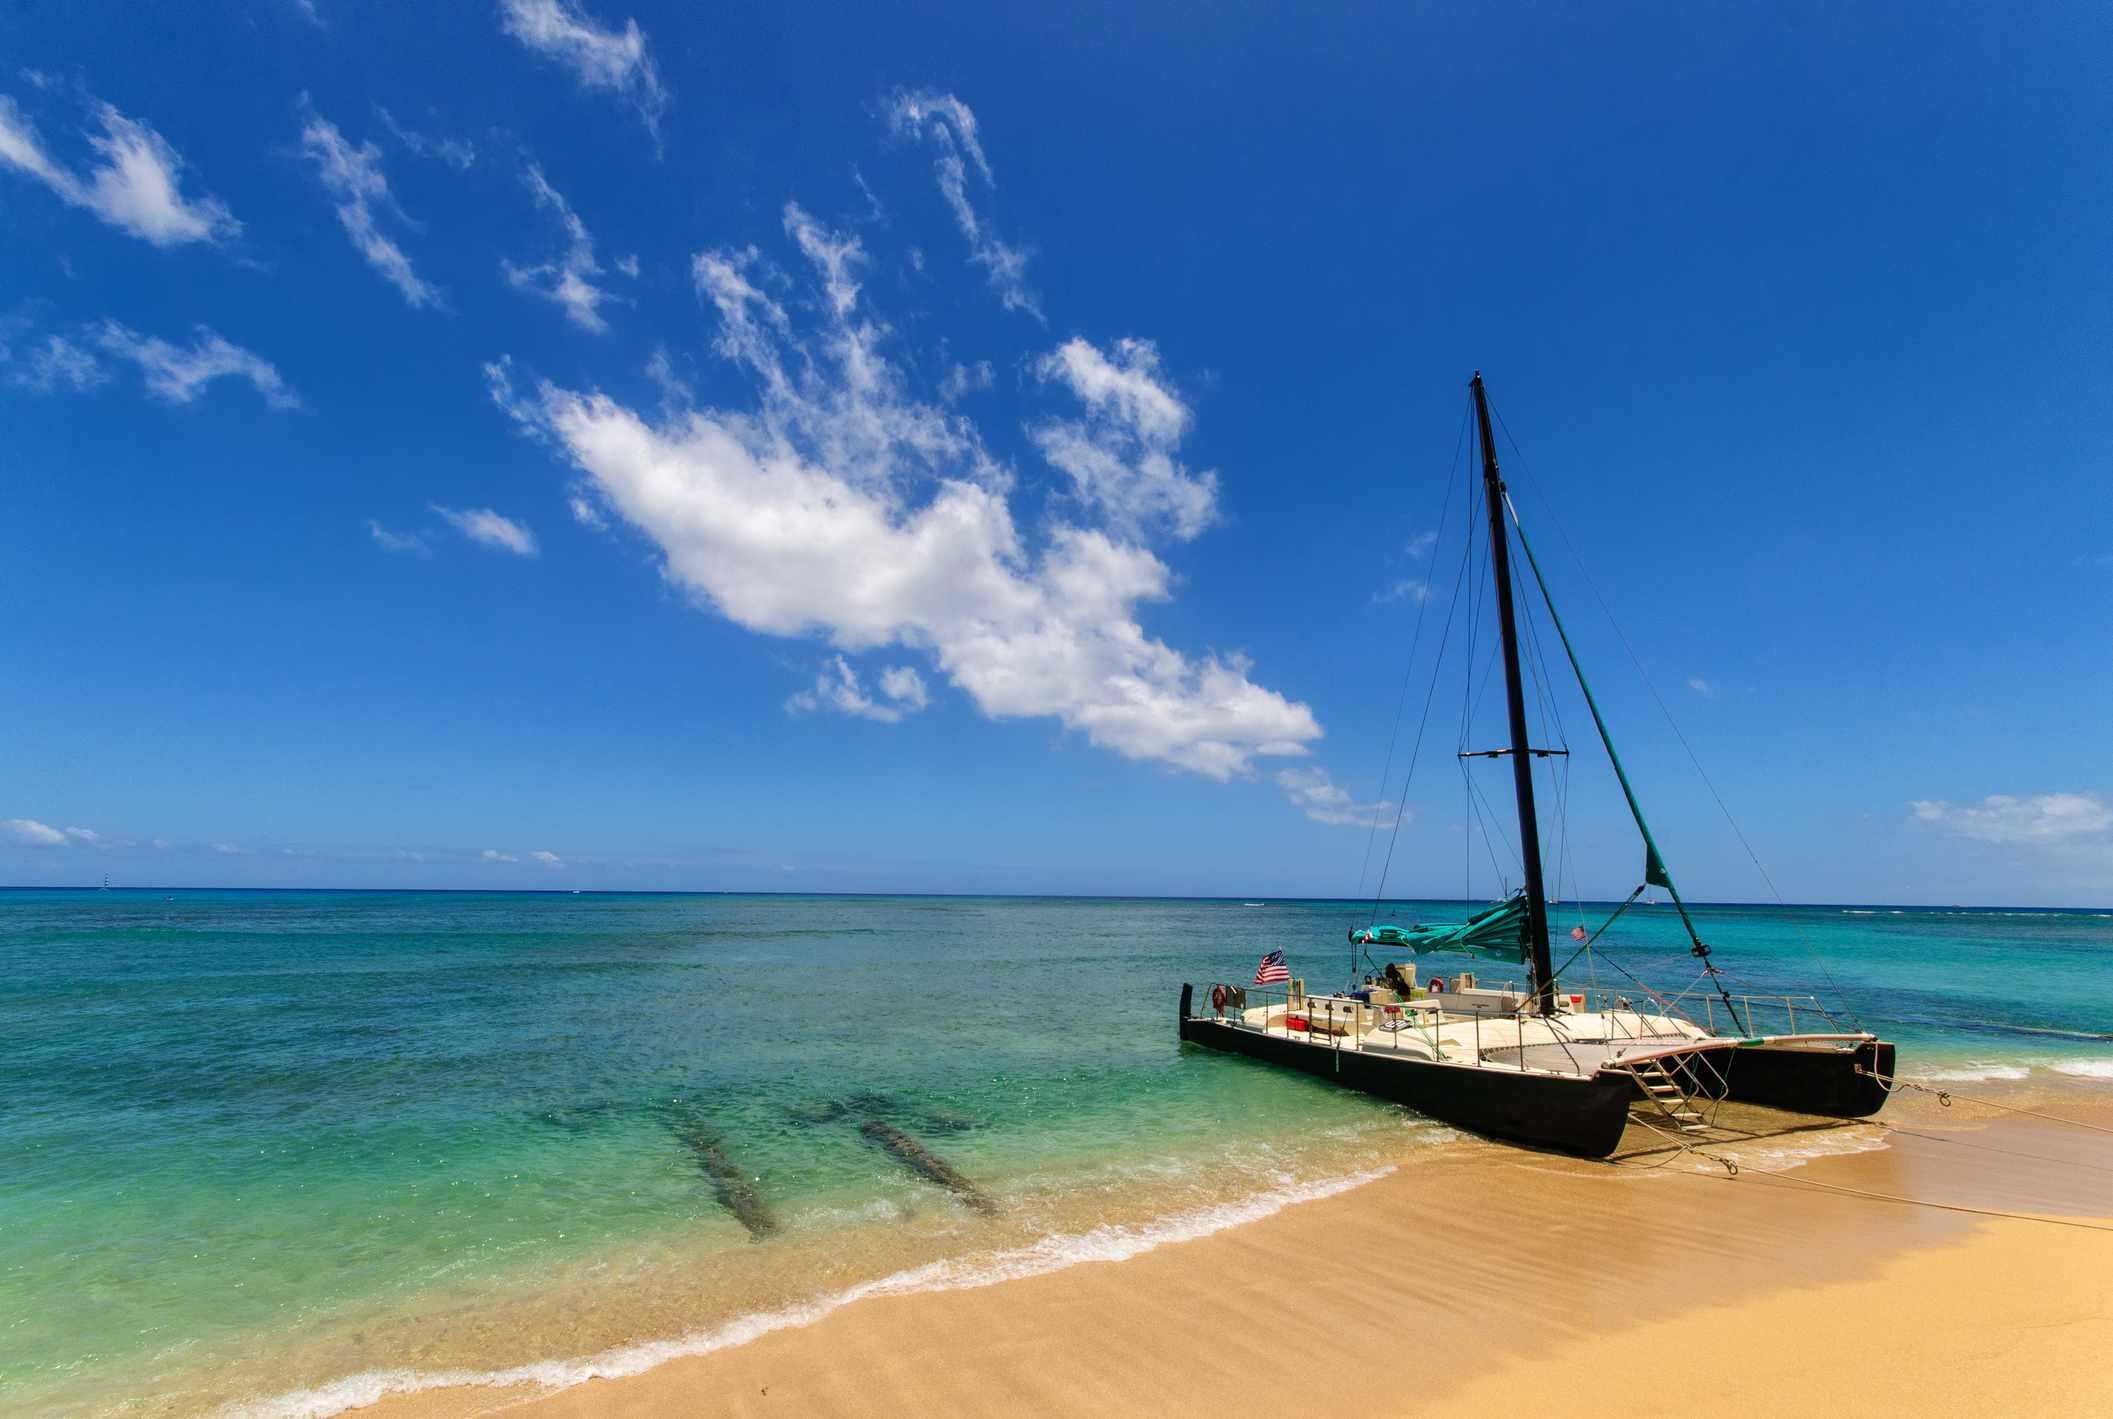 Catamaran in Waikiki, Hawaii